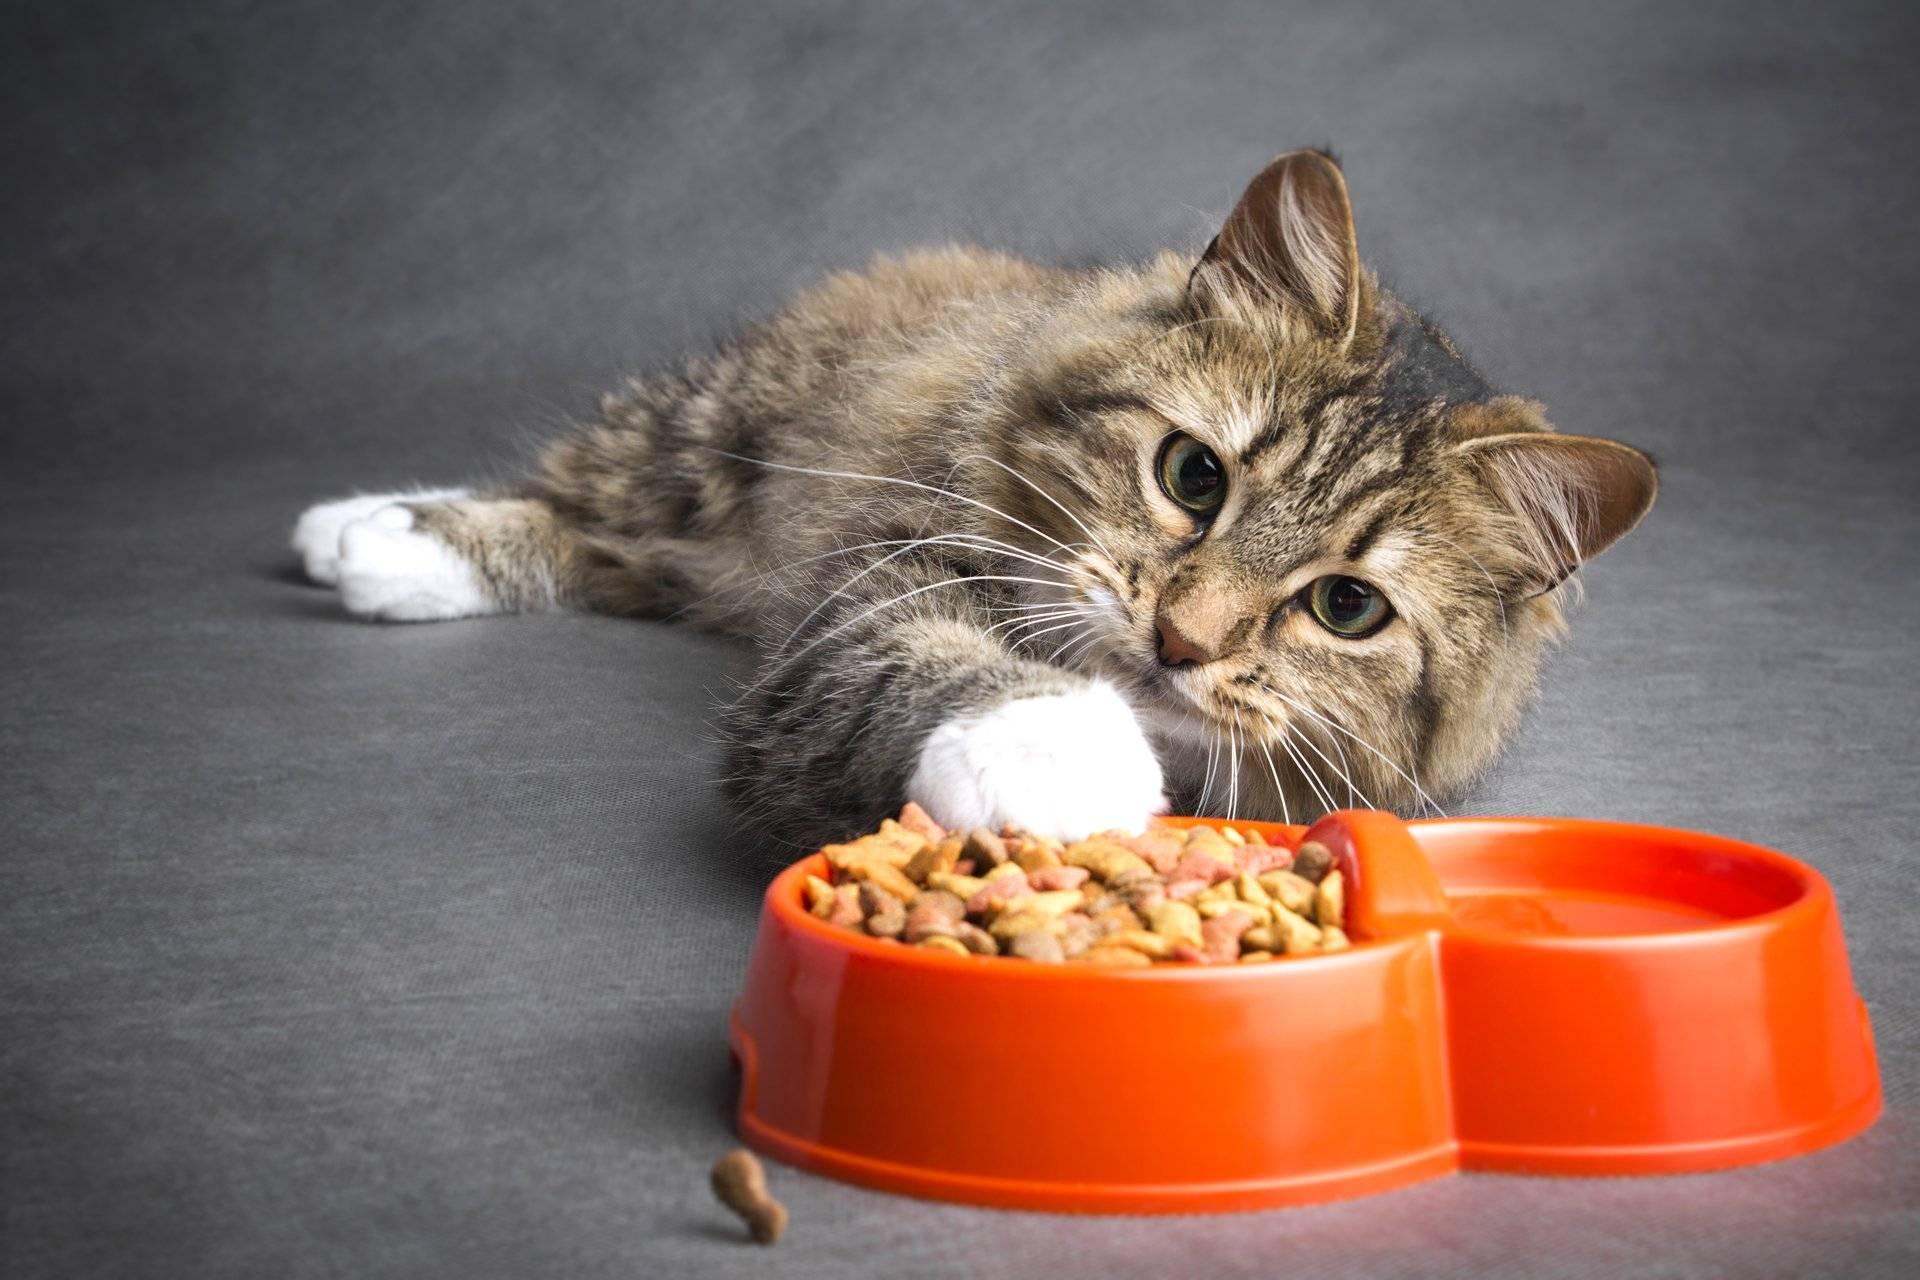 Все мы не раз видели, как кошка или кот закапывает миску с едой — разберёмся, почему кошки и коты закапывают еду